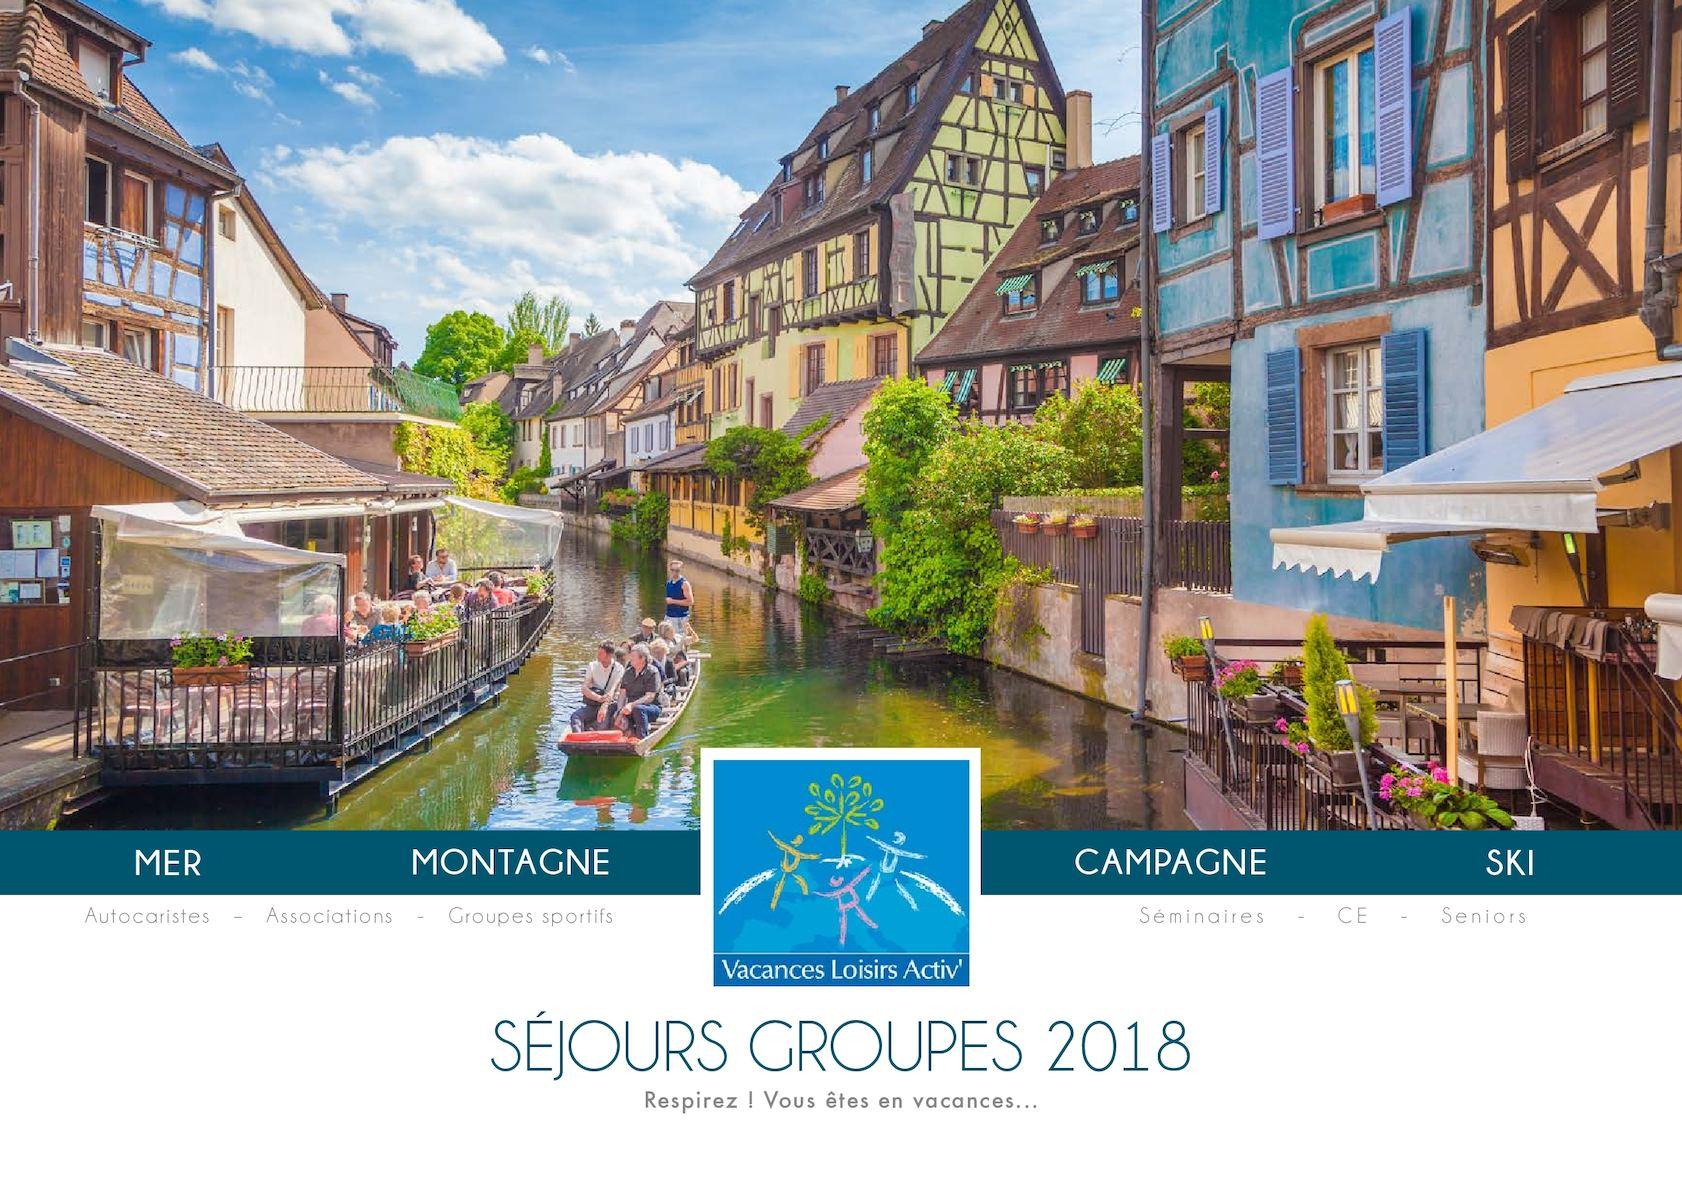 Le Puy-En-Velay 2018: Le Puy-En-Velay Melange De Patrimoine Architectural Et De Tradititions (Calven